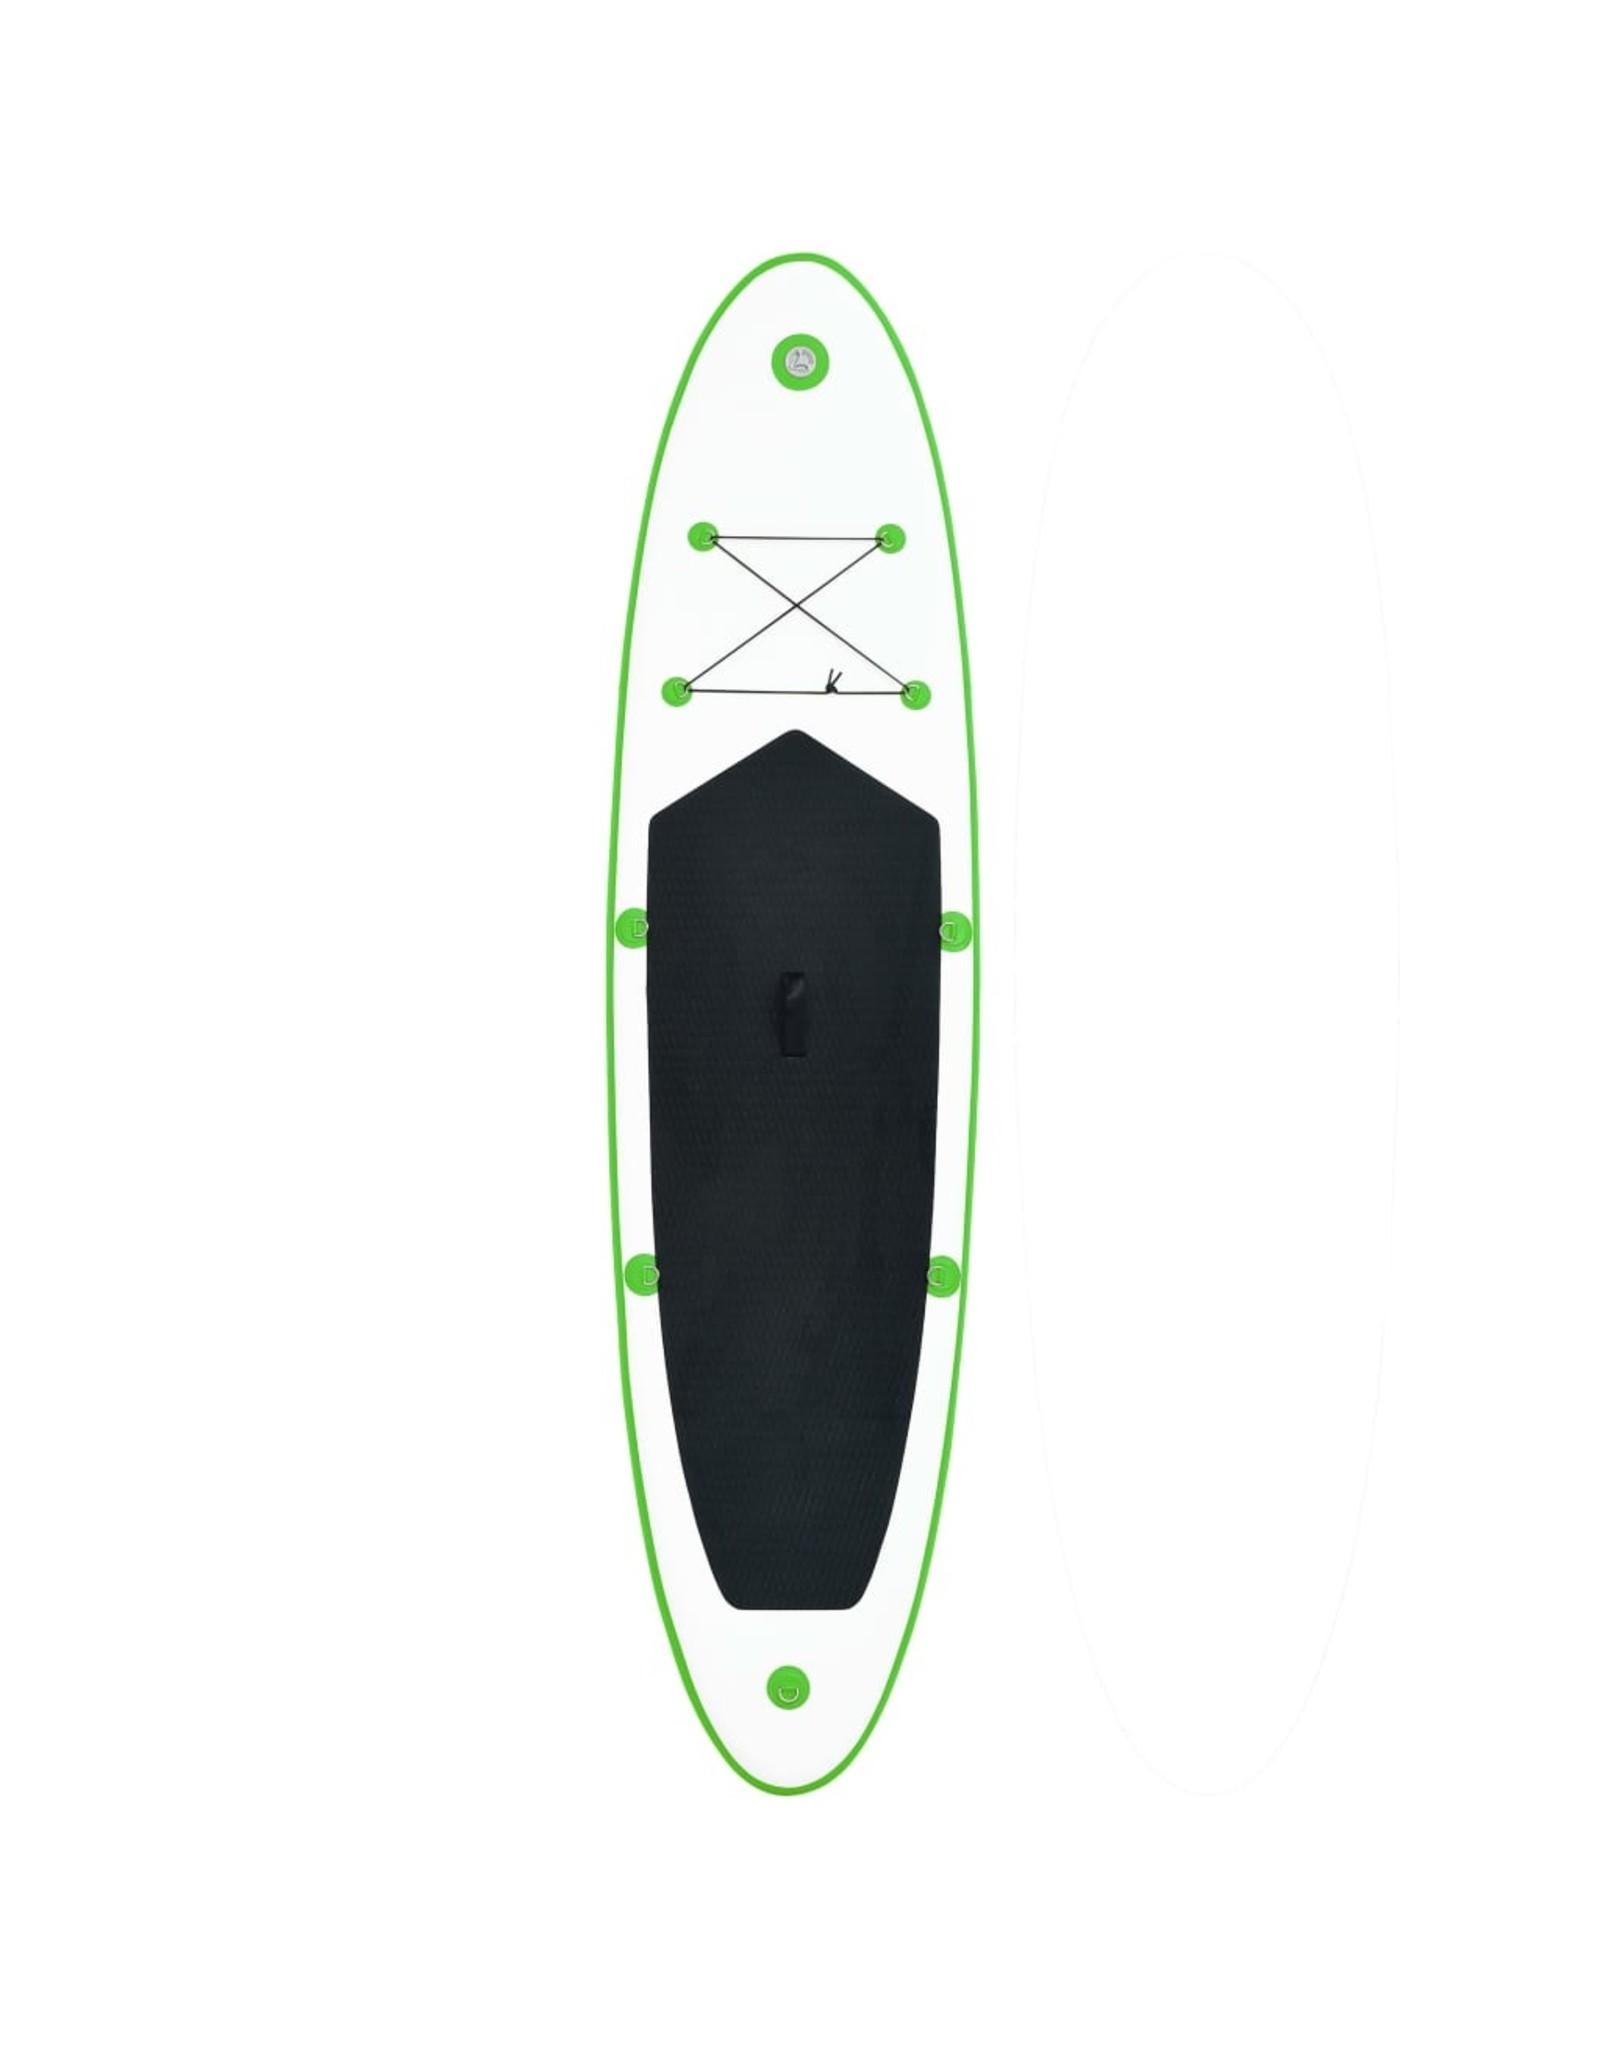 Stand Up Paddleboardset opblaasbaar groen en wit